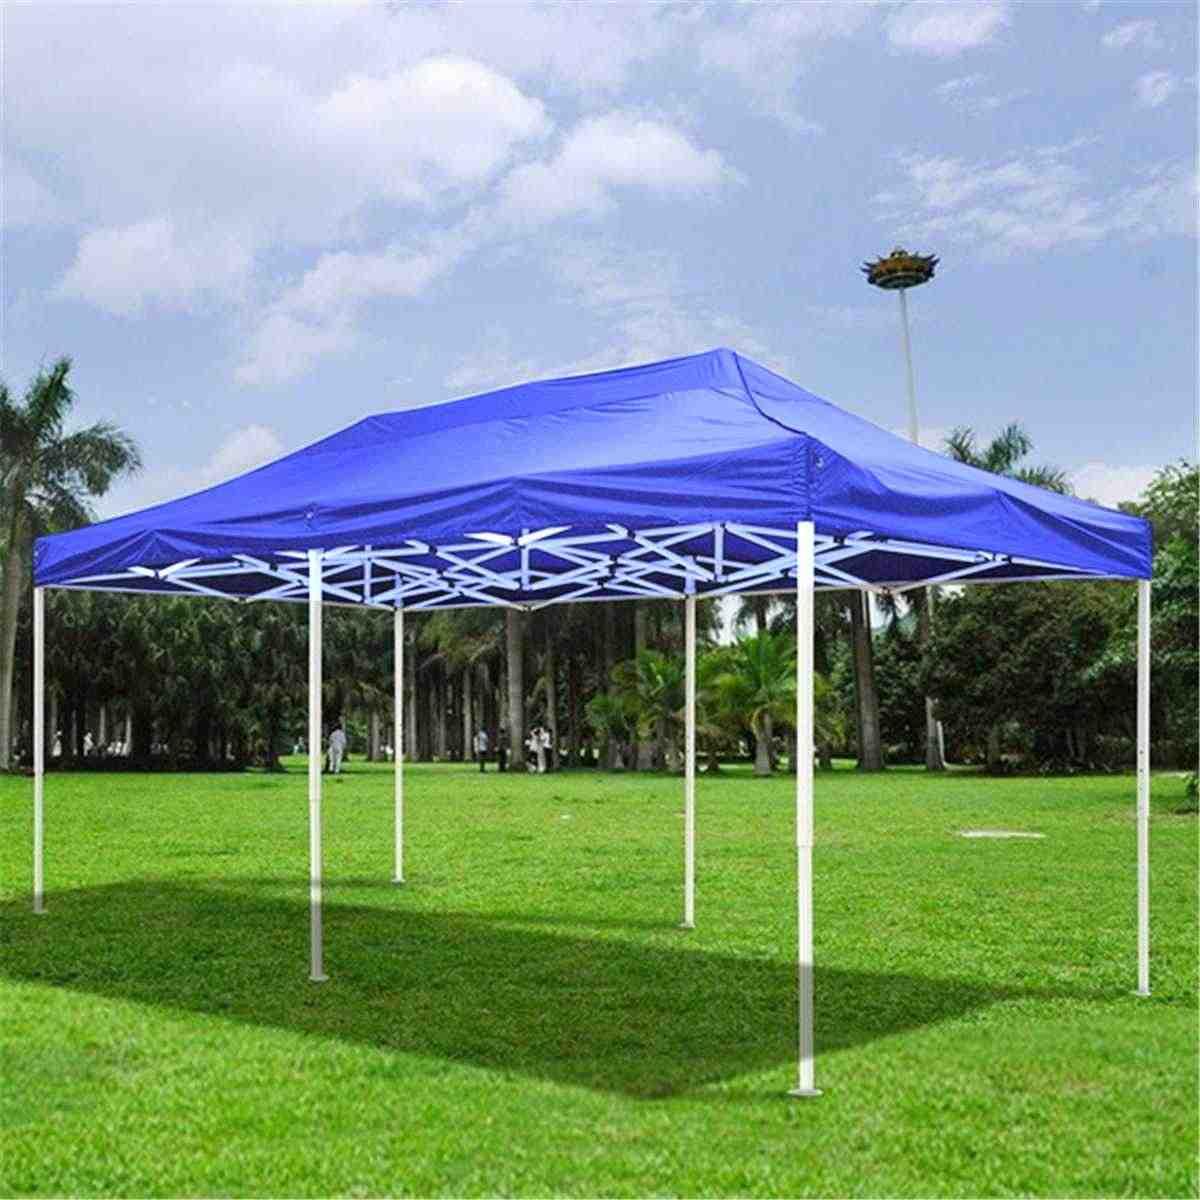 Yeni 2x3m Gazebo çadır 3 renkler su geçirmez bahçe çadırı Gazebo gölgelik beyaz dış ortam tente pazar çadır gölge parti Pawilon ogrodowy